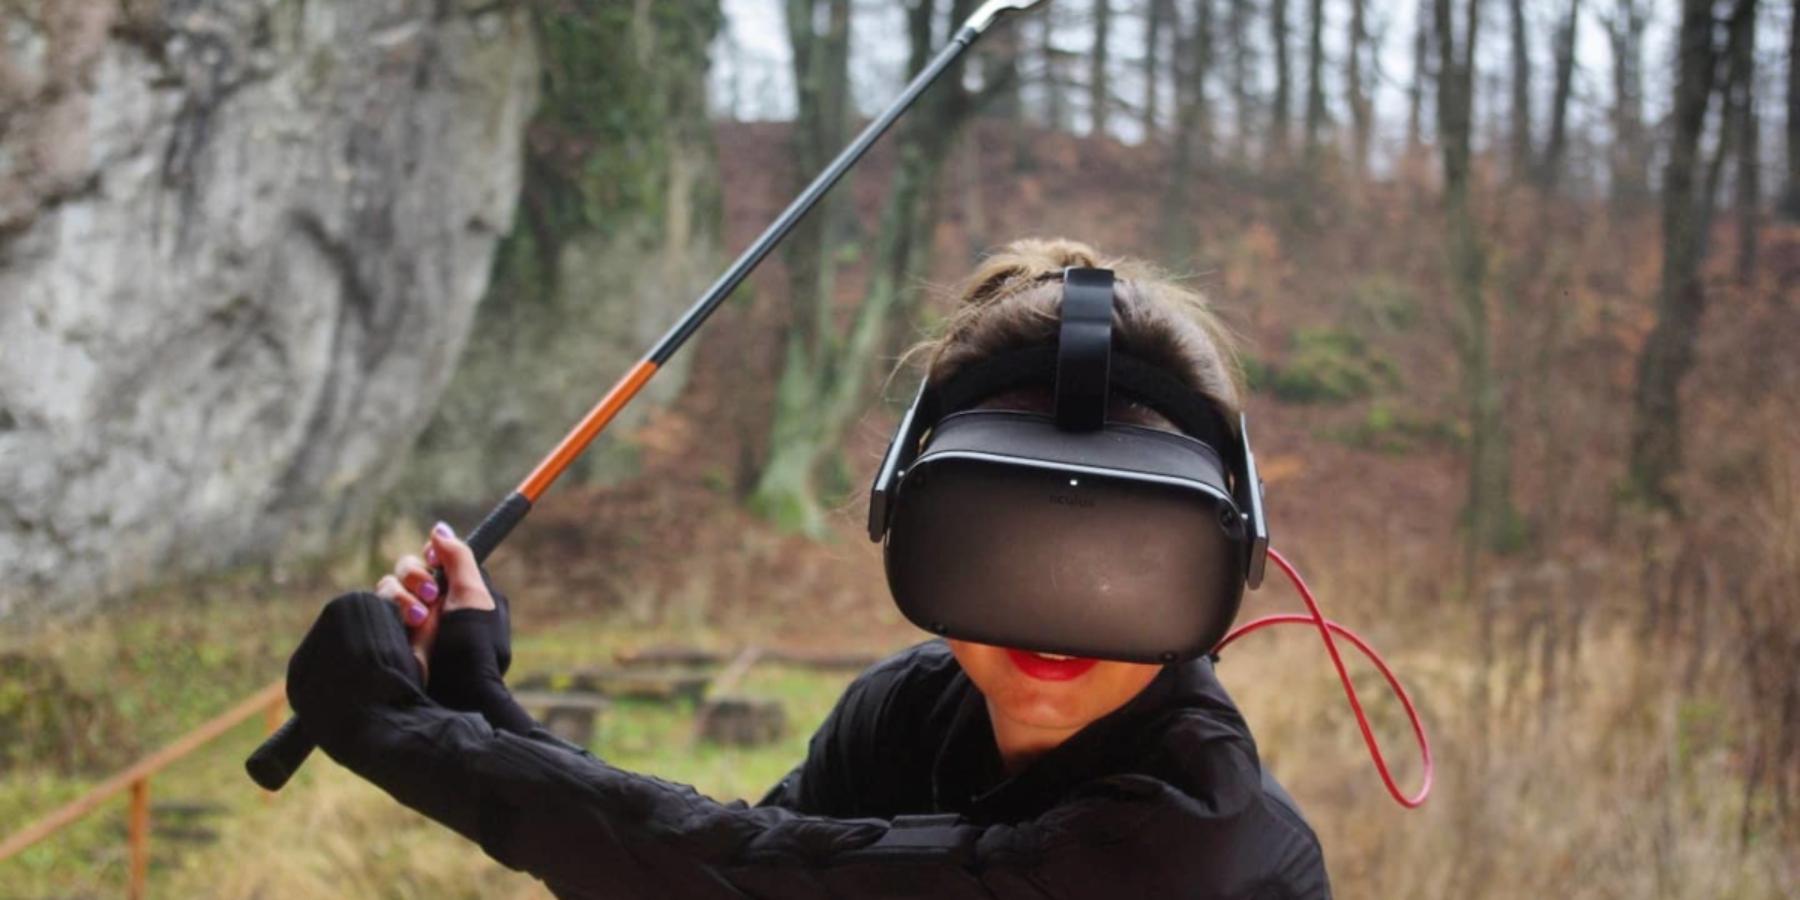 Weregolf. Stworzyli kombinezon donauki gry wgolfa zapomocą motion capture. Chcą wten sposób uczyć golfistów ipomóc wychodzić im zkontuzji